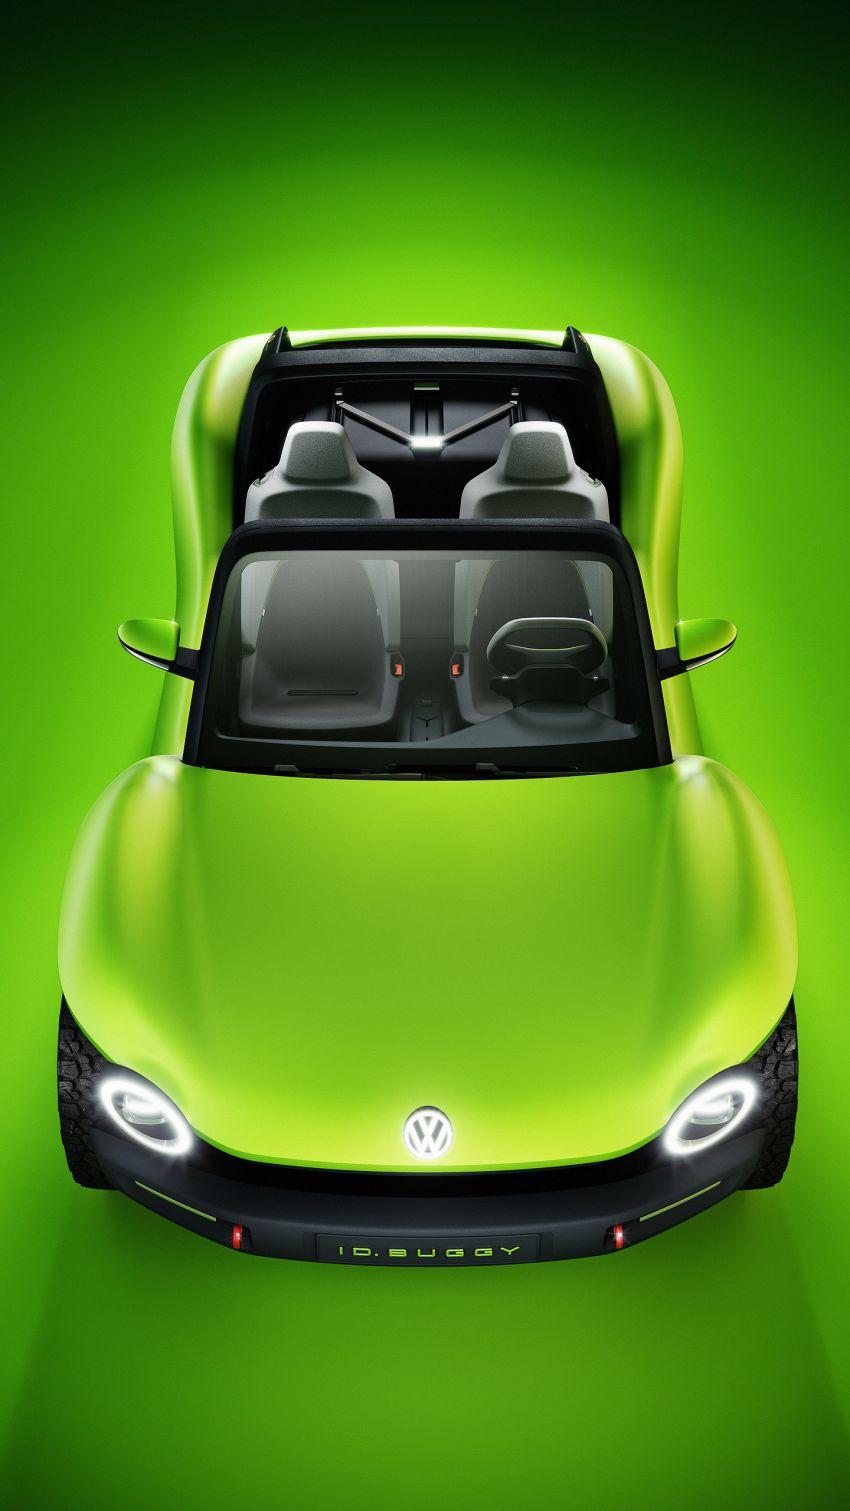 Volkswagen I.D. Buggy bawa konsep santai – dipacu motor elektrik 204 PS, tiada bumbung dan pintu Image #931519